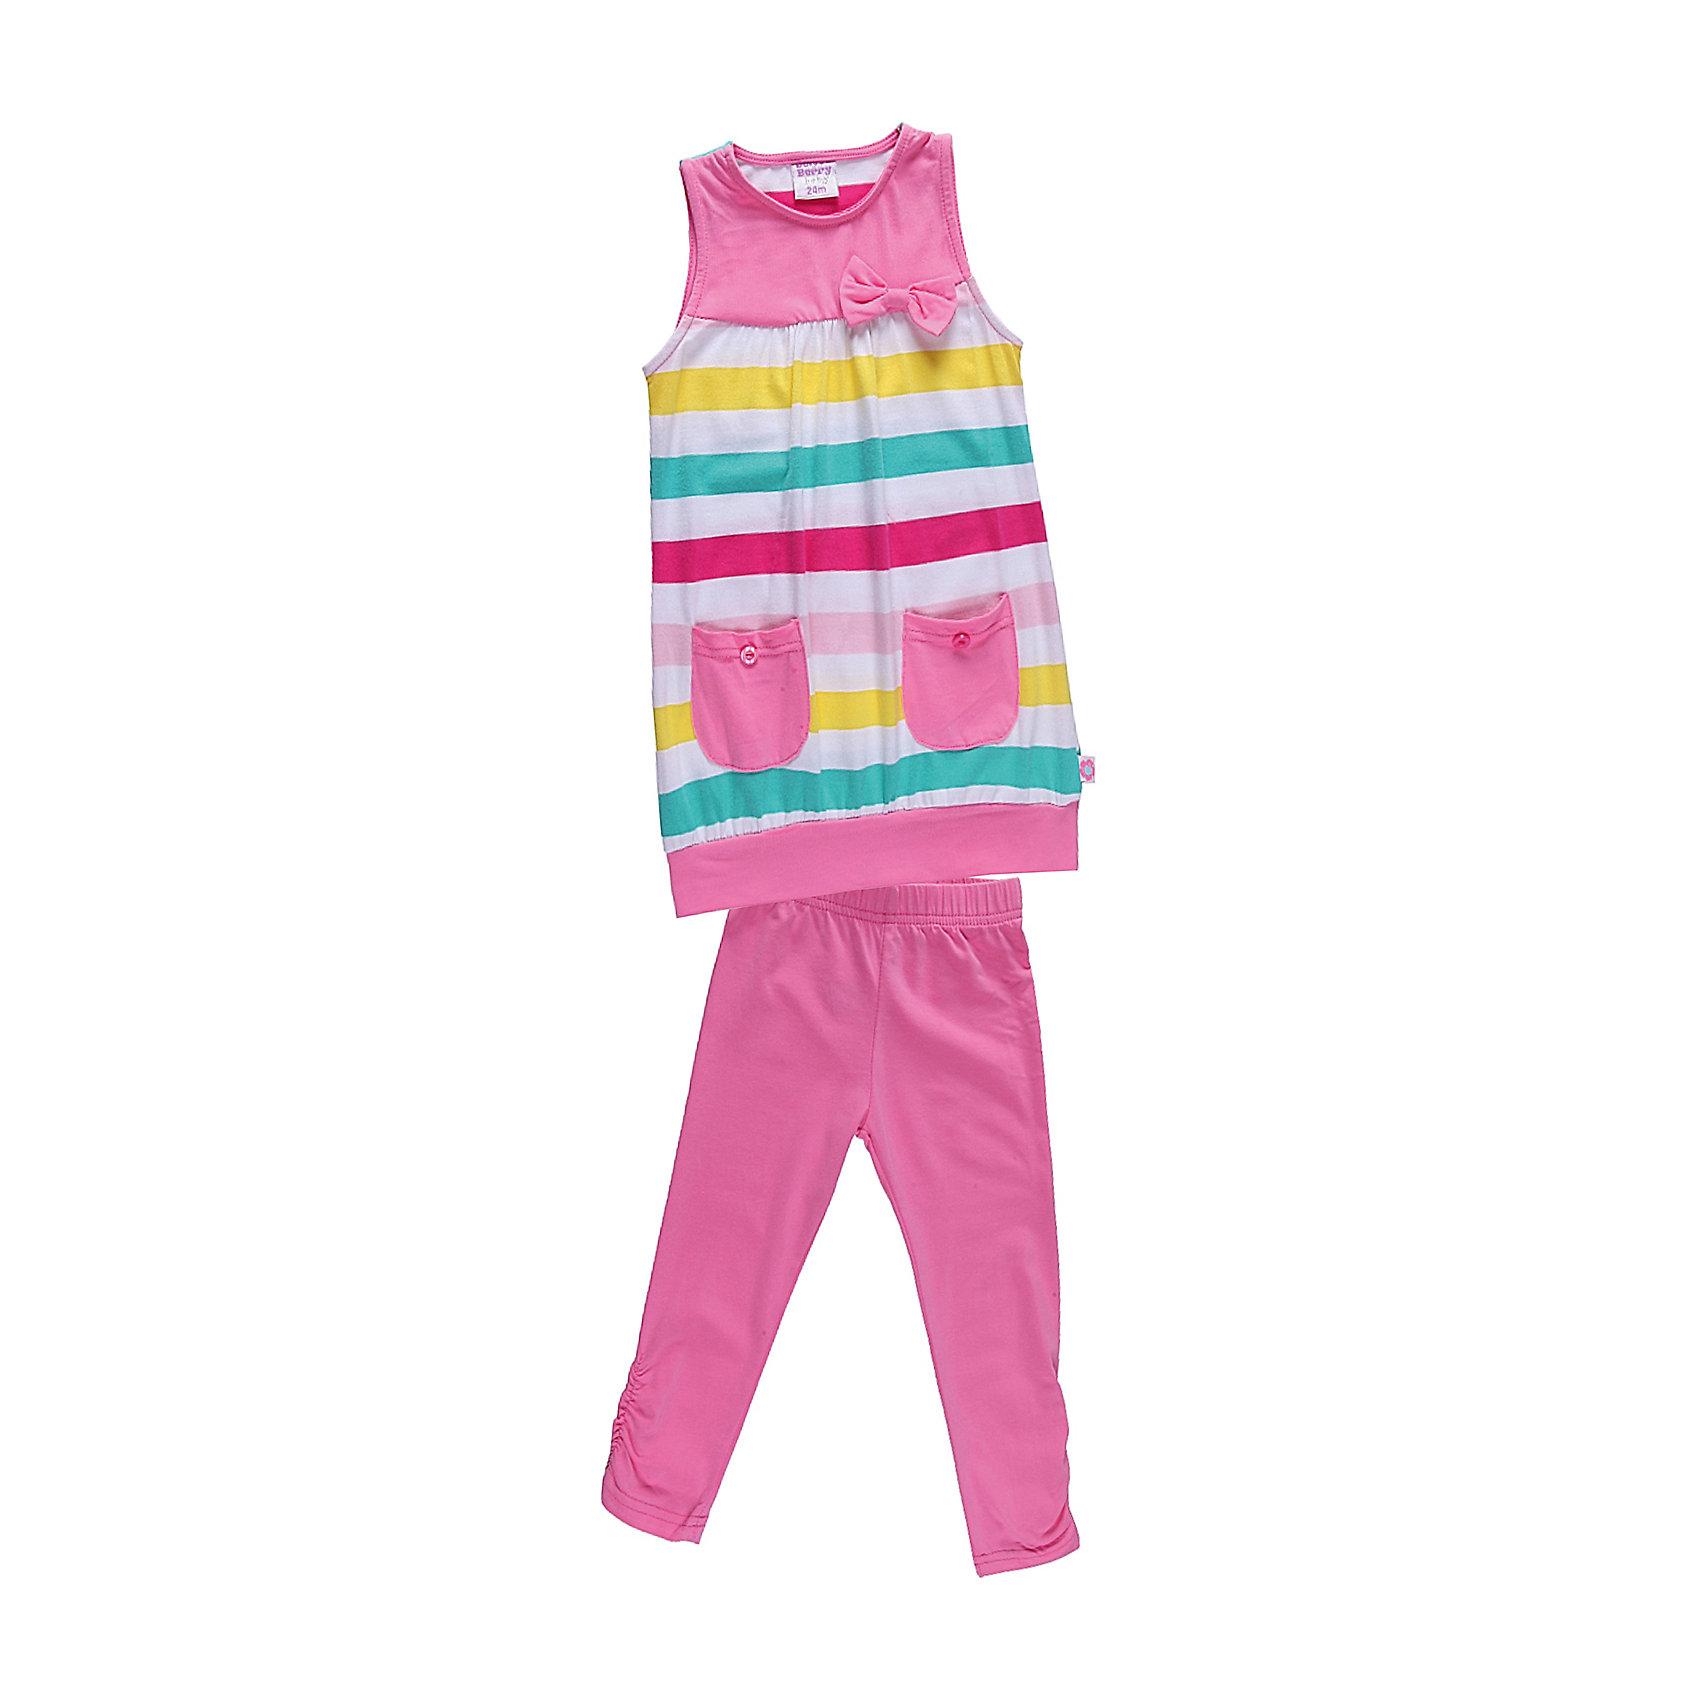 Комплект для девочки: платье и леггинсы Sweet BerryУдобный комплект из эластичного трикотажа.<br>Состав:<br>95% хлопок, 5% эластан<br><br>Ширина мм: 236<br>Глубина мм: 16<br>Высота мм: 184<br>Вес г: 177<br>Цвет: разноцветный<br>Возраст от месяцев: 12<br>Возраст до месяцев: 18<br>Пол: Женский<br>Возраст: Детский<br>Размер: 86,80,98,92<br>SKU: 4520475